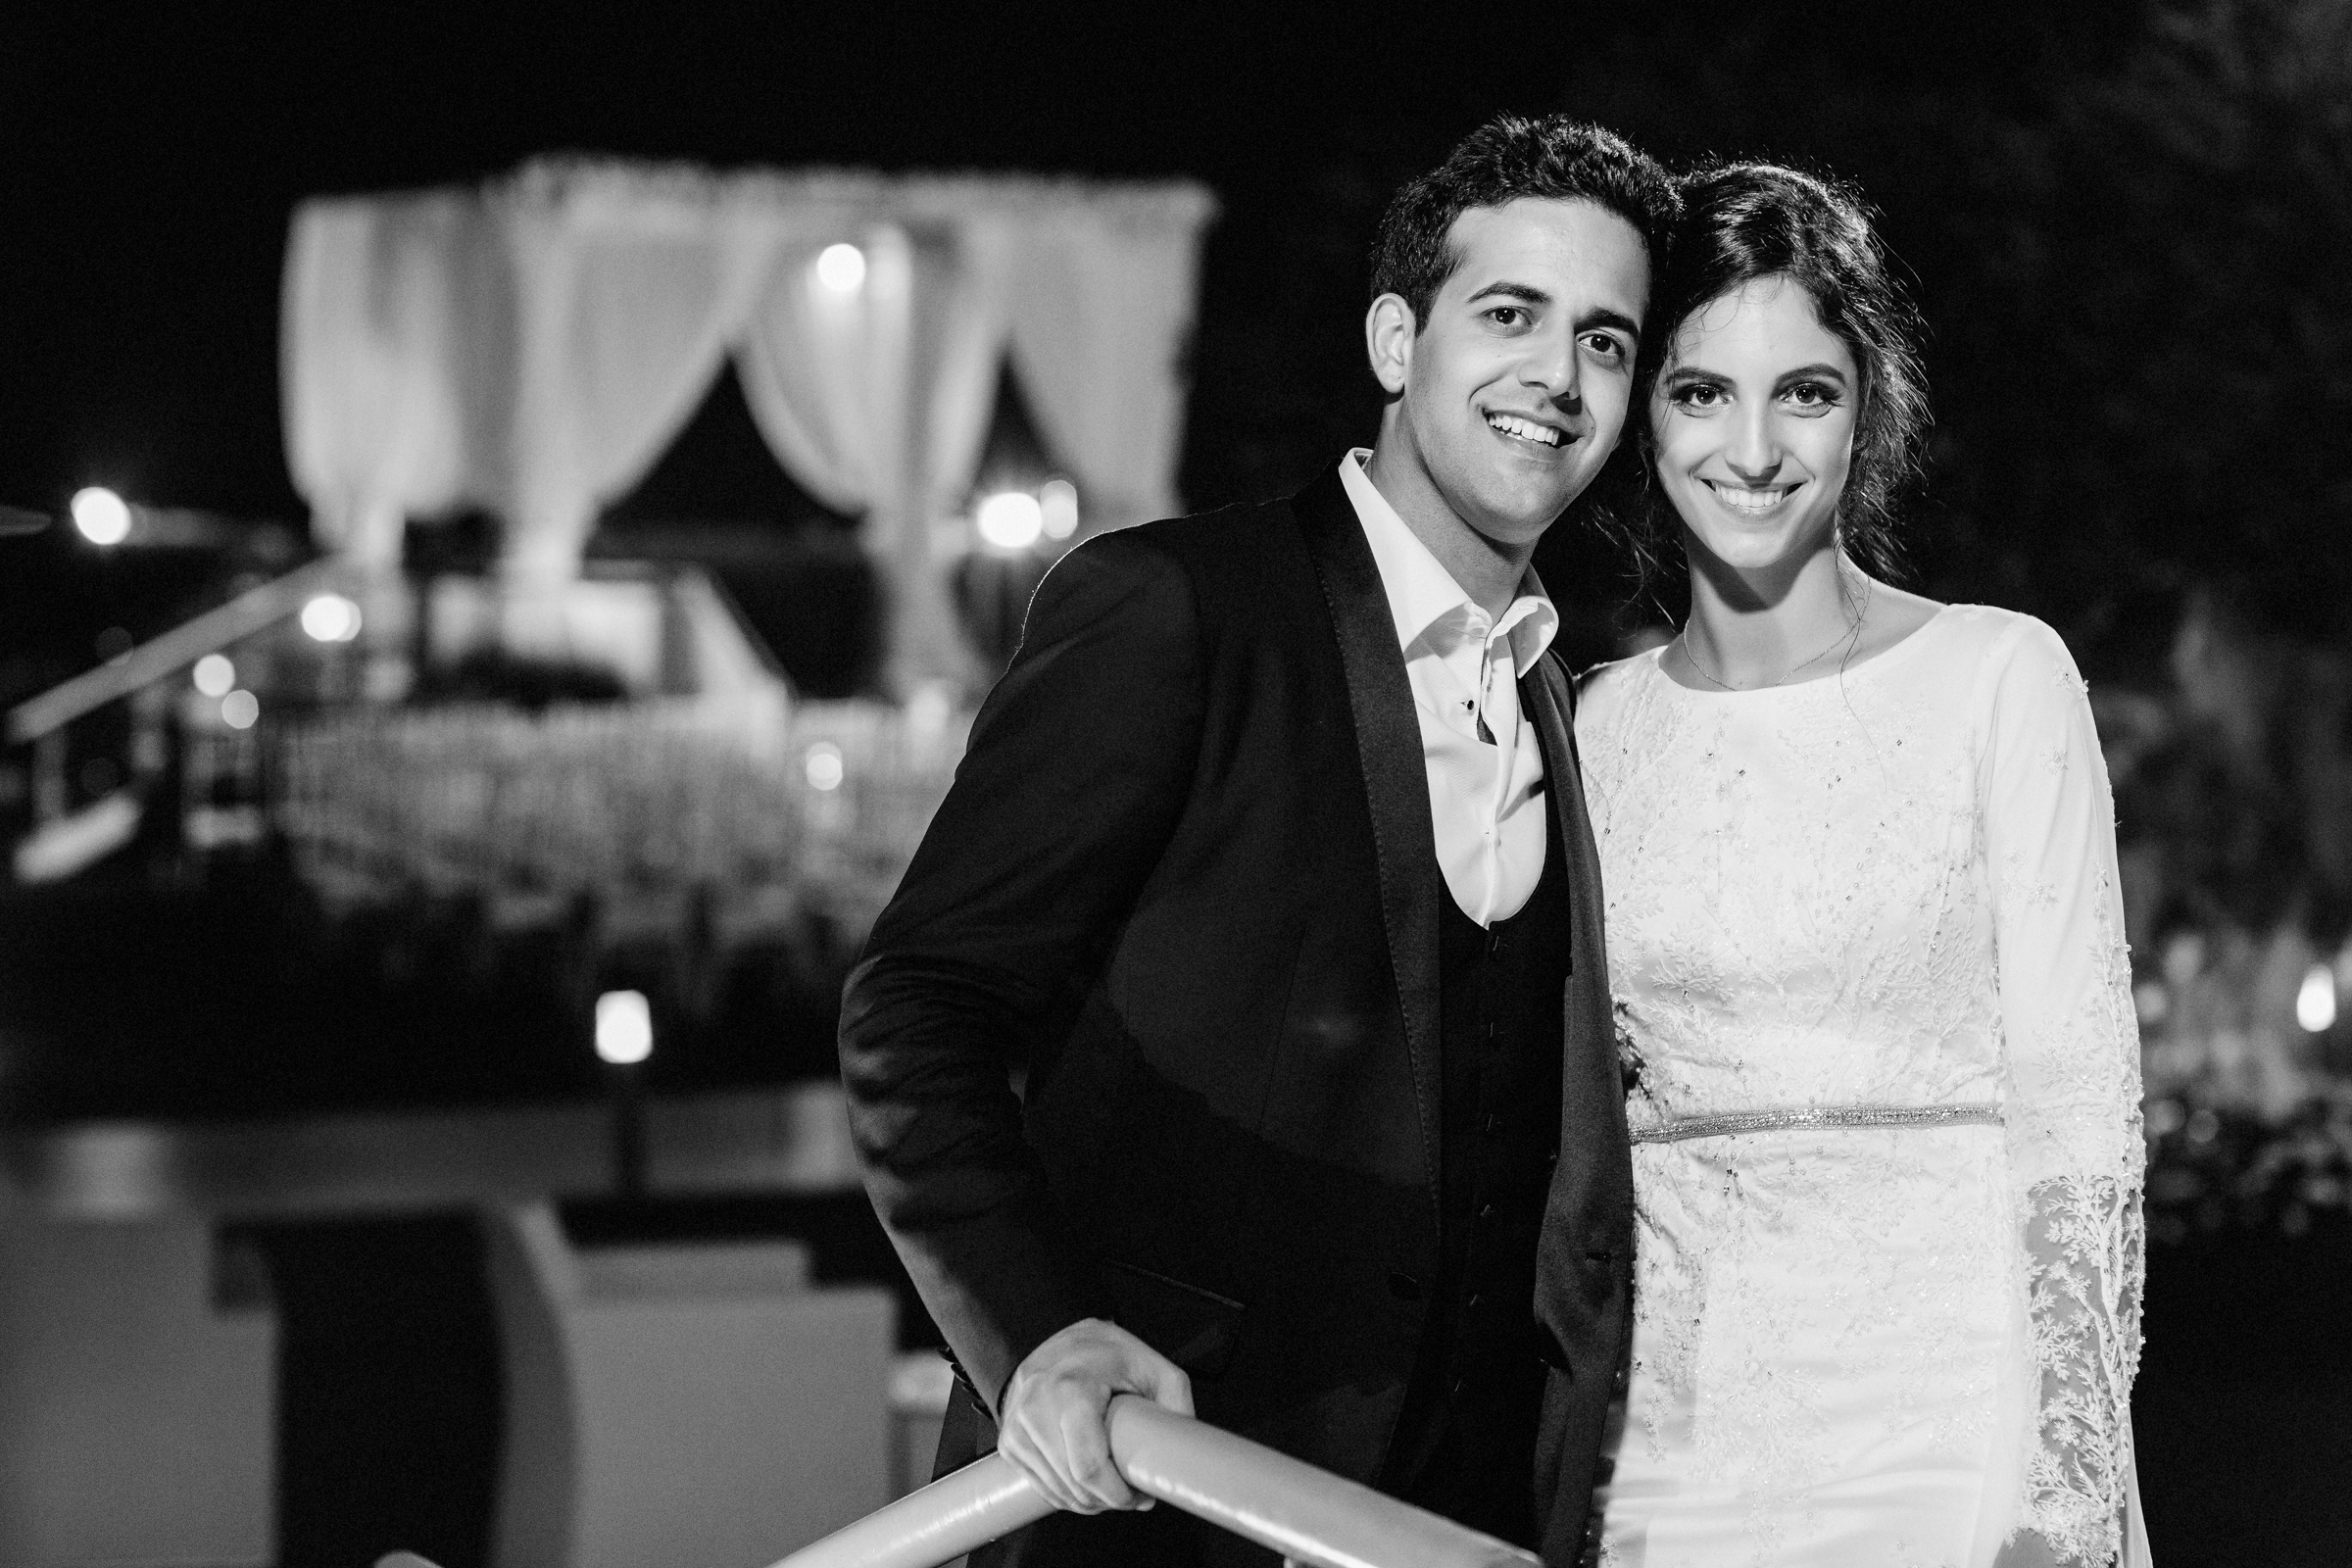 החתונה של קרן וויקטור